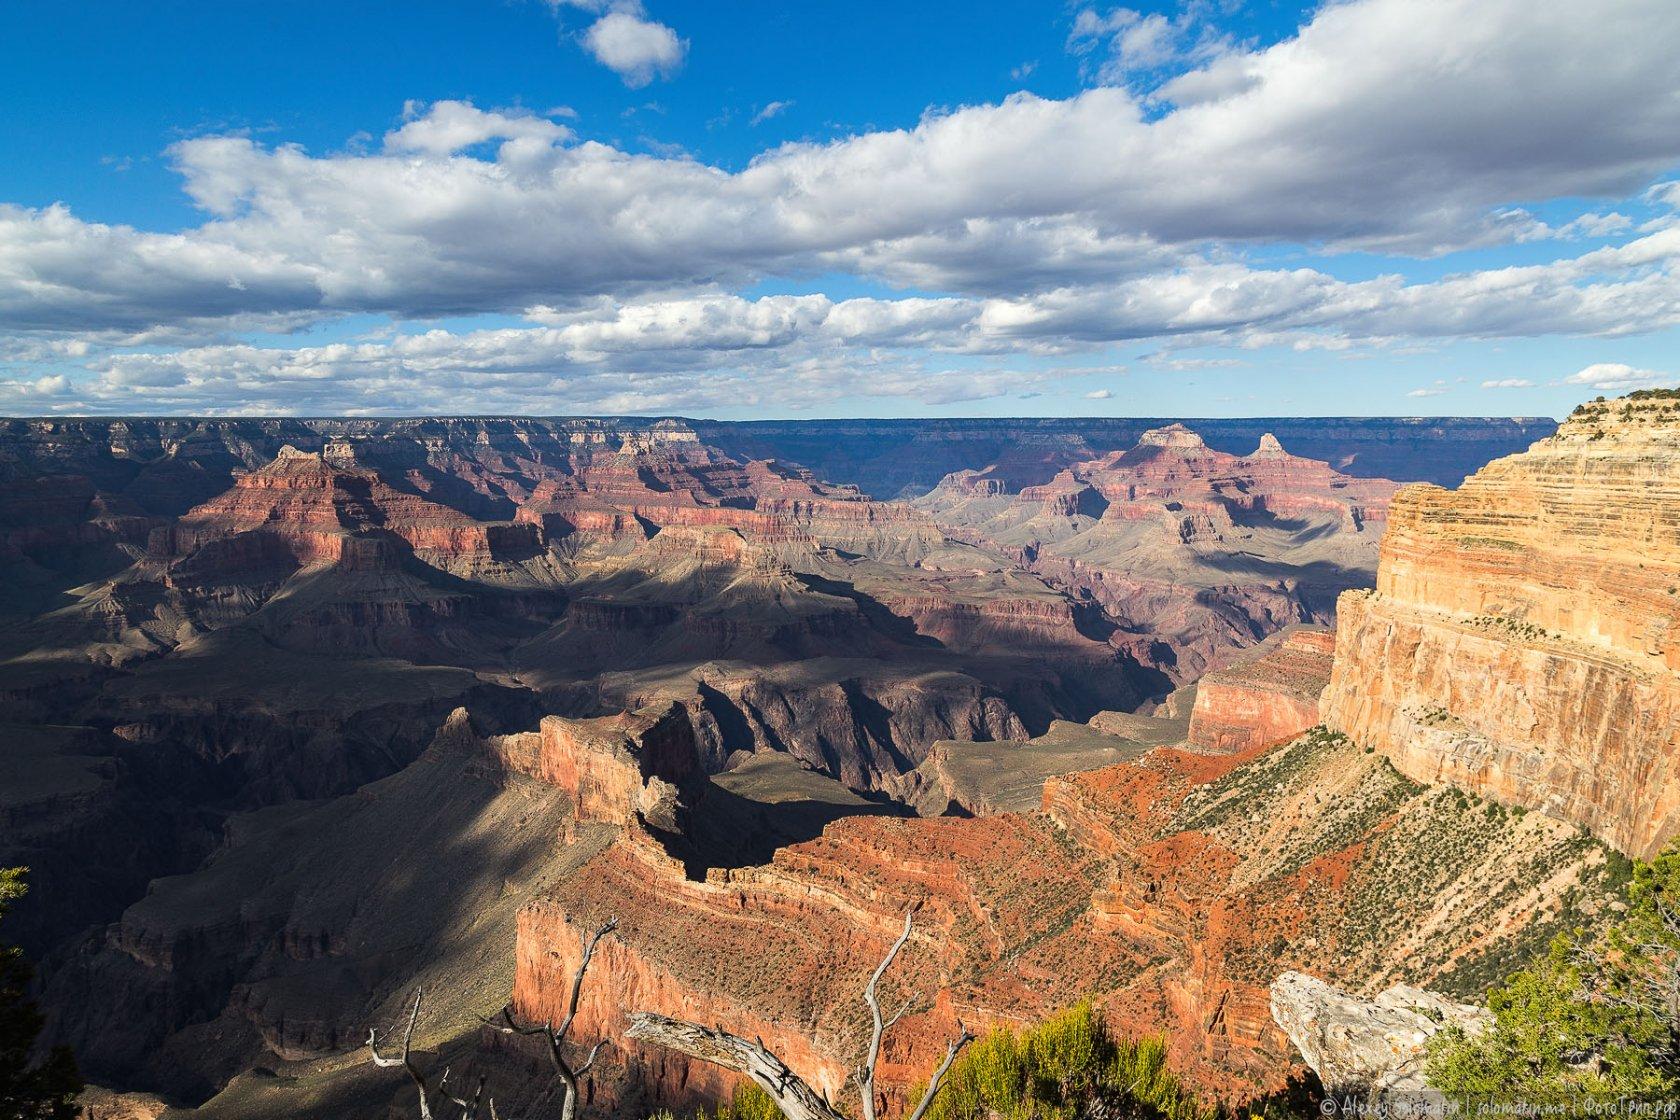 большой каньон сша фото лакиеру, лев является